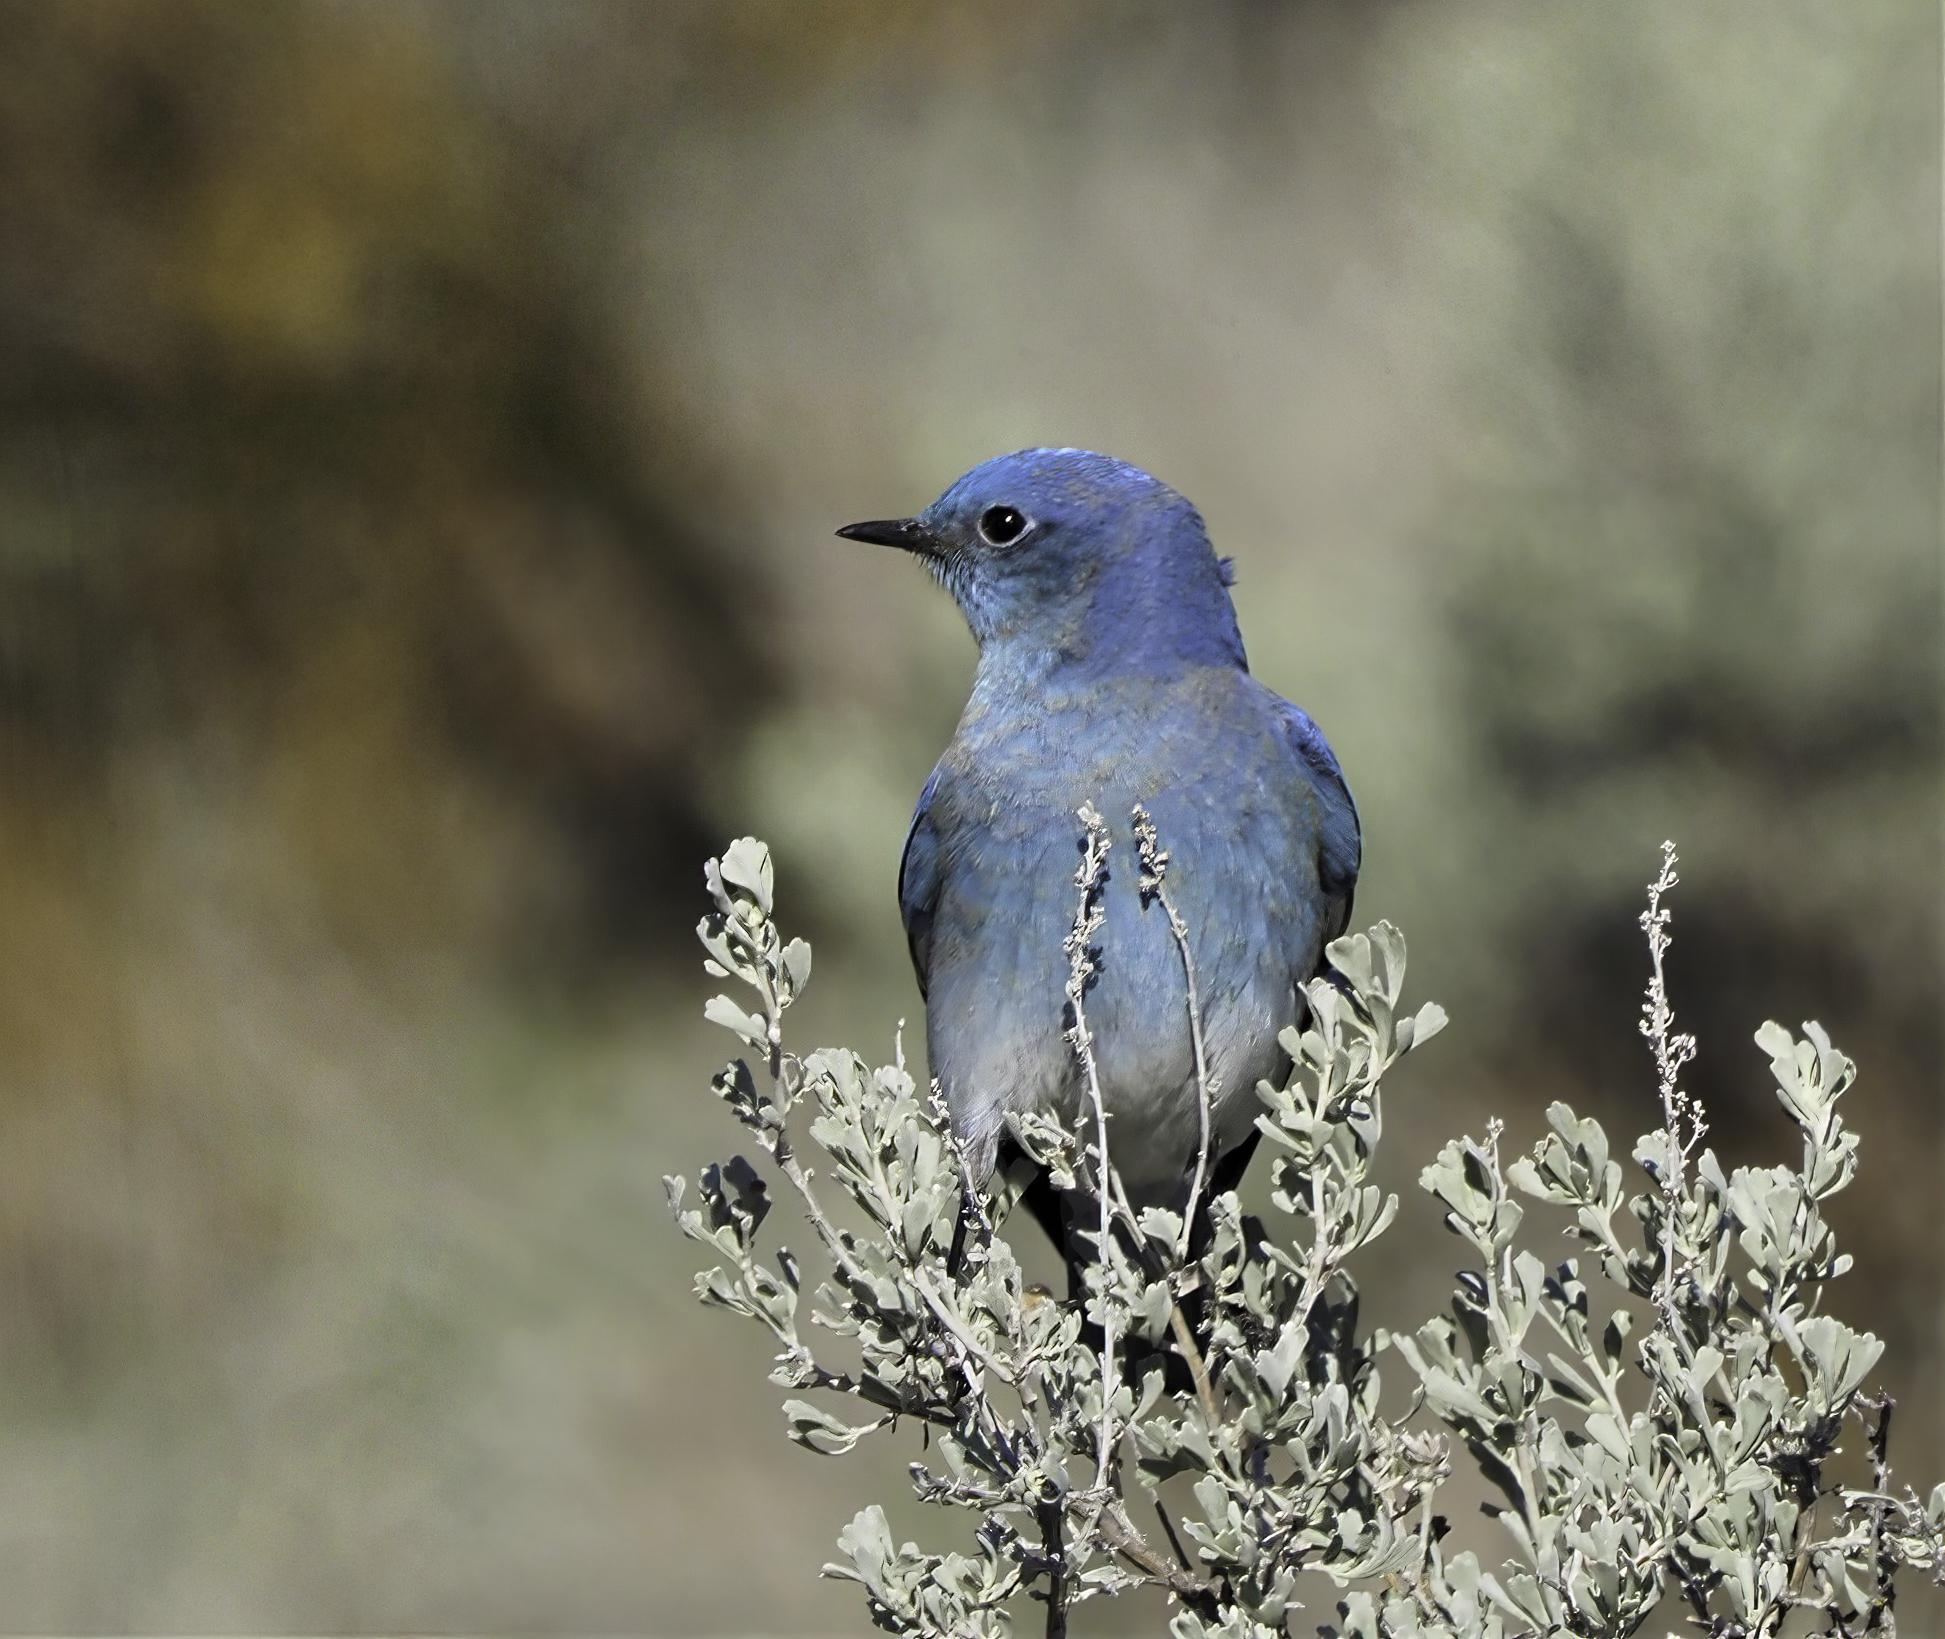 Mountain Bluebird on Sage-sharpen-focus-sharpen-focus